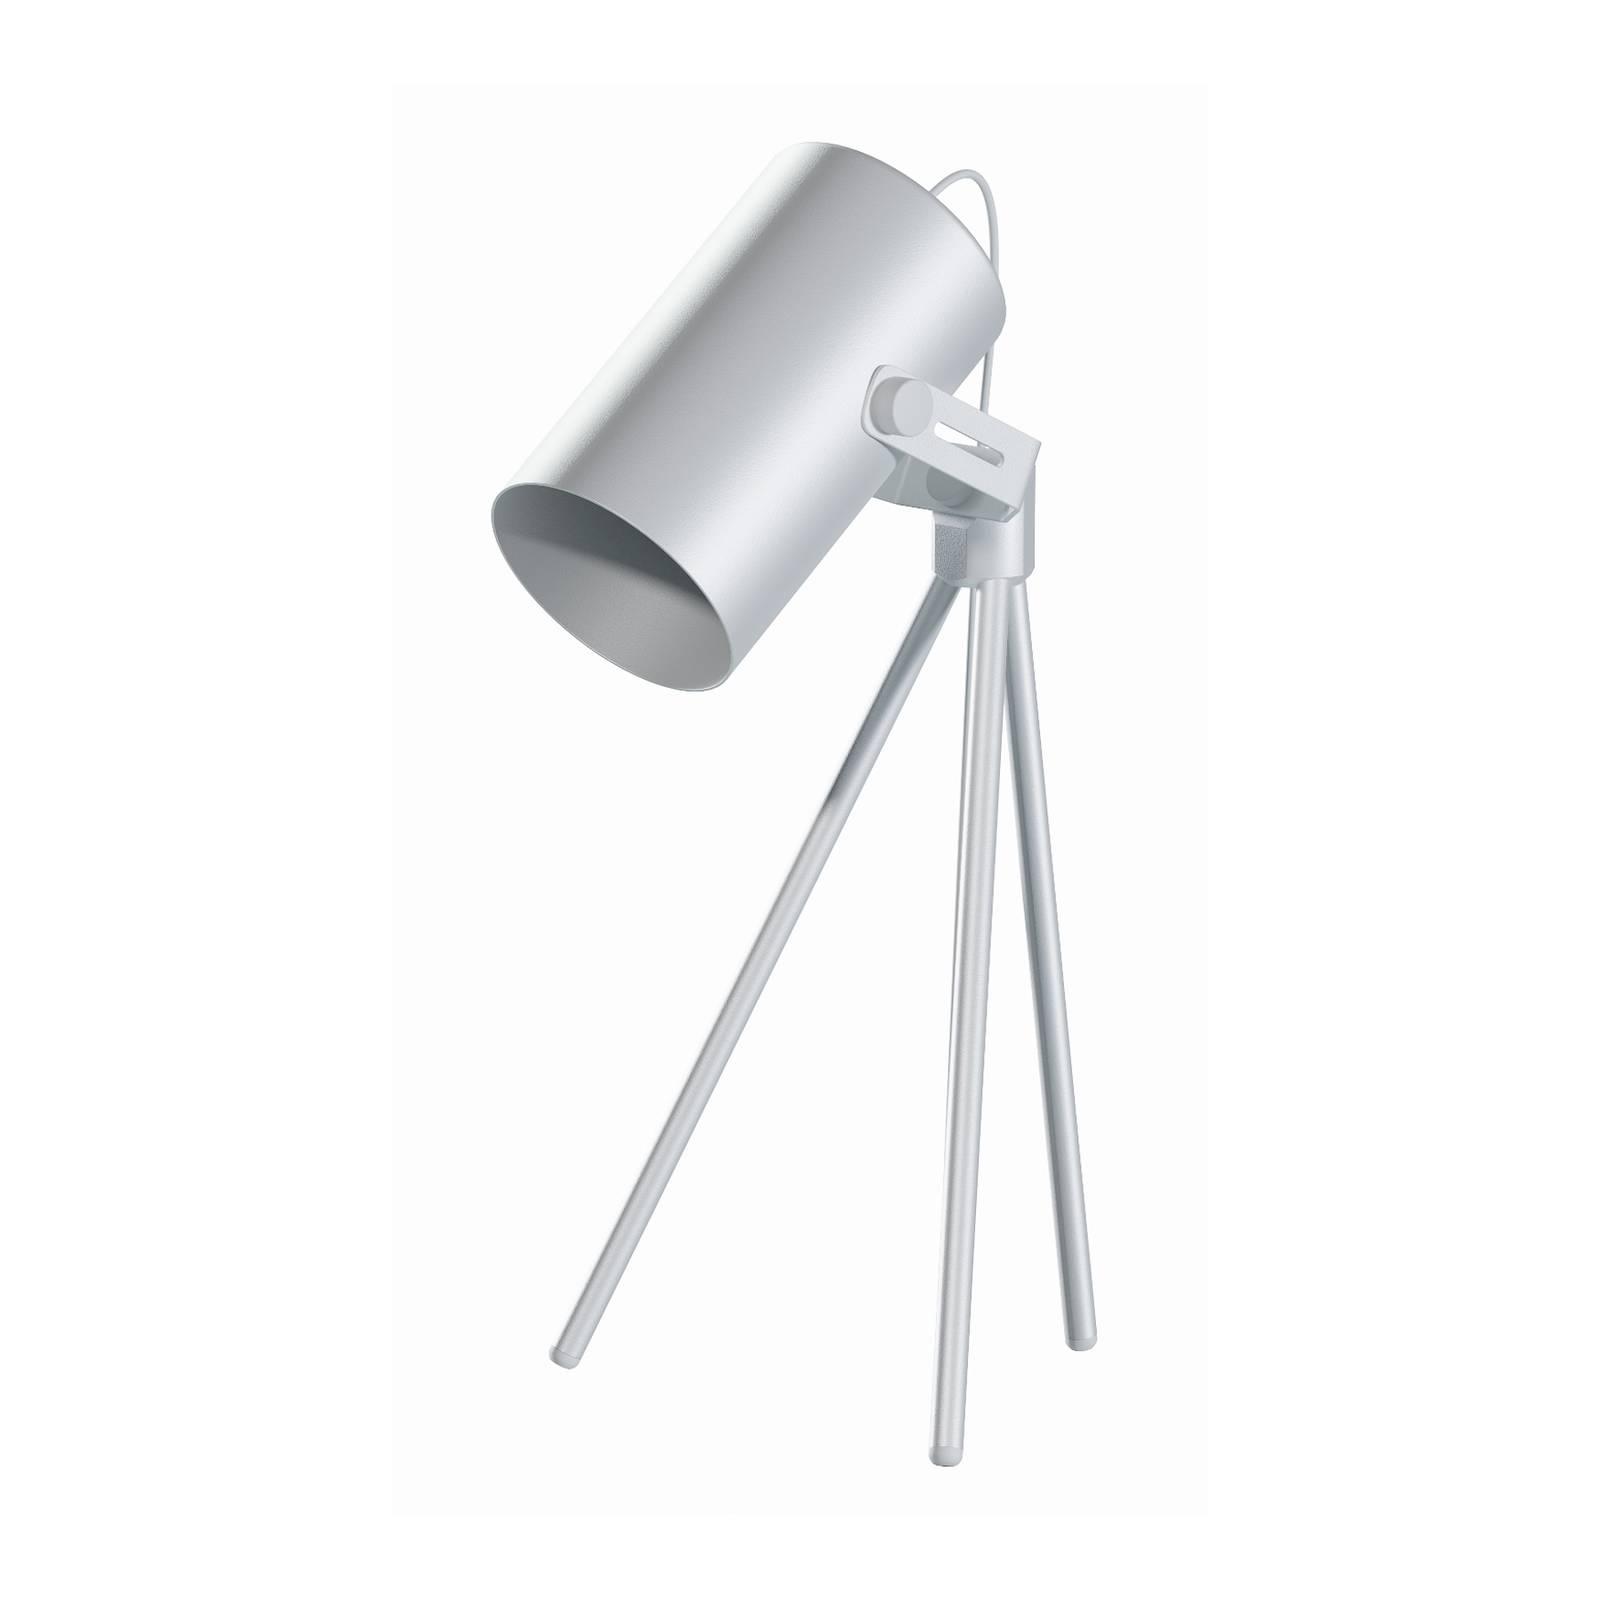 Pöytälamppu La Tuba 450 kolmijalalla, valkoinen